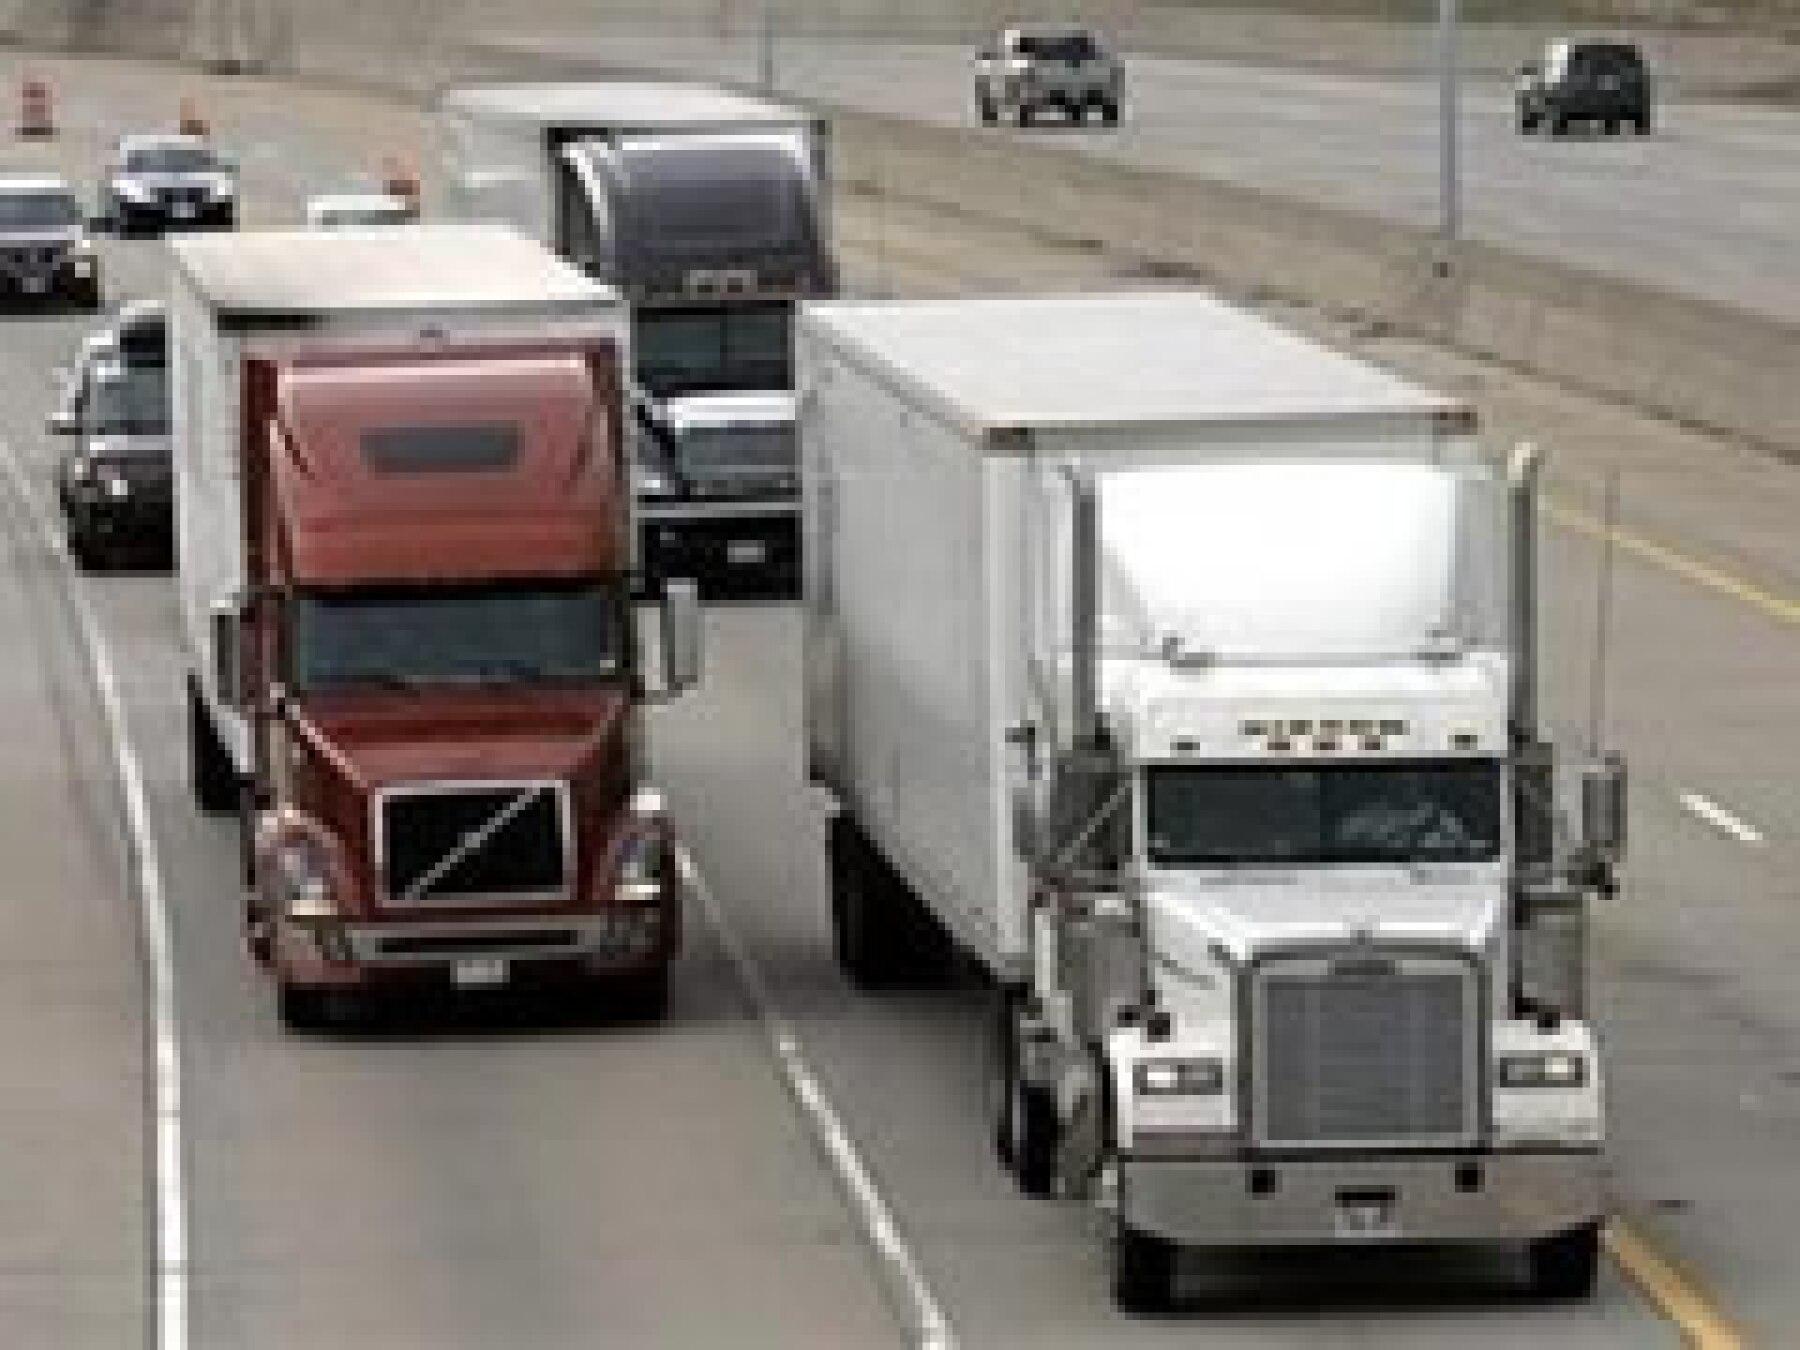 Desde el 11 de marzo de 2009, los camiones mexicanos dejaron de circular por territorio de Estados Unidos. (Foto: Reuters)